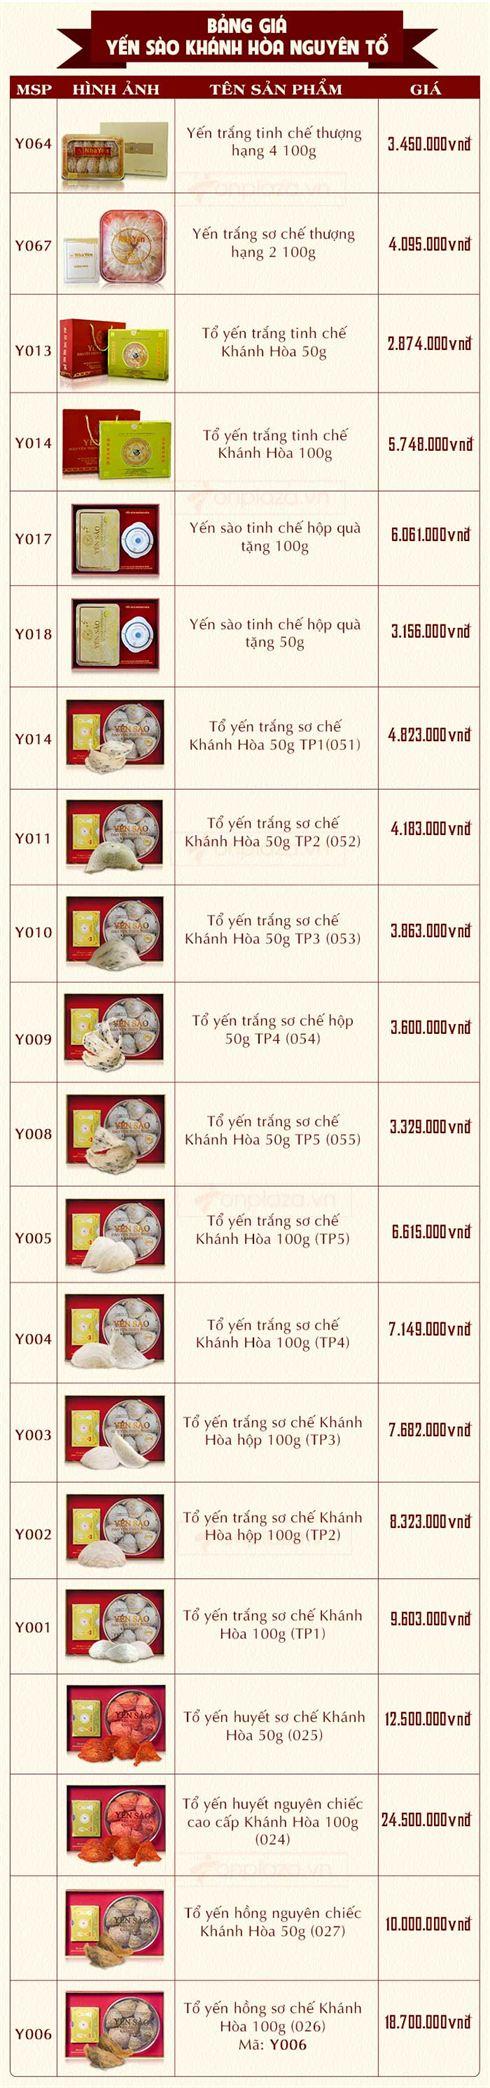 Bảng giá yến sào Khánh Hòa nguyên tổ tại yenkhanhhoa.info